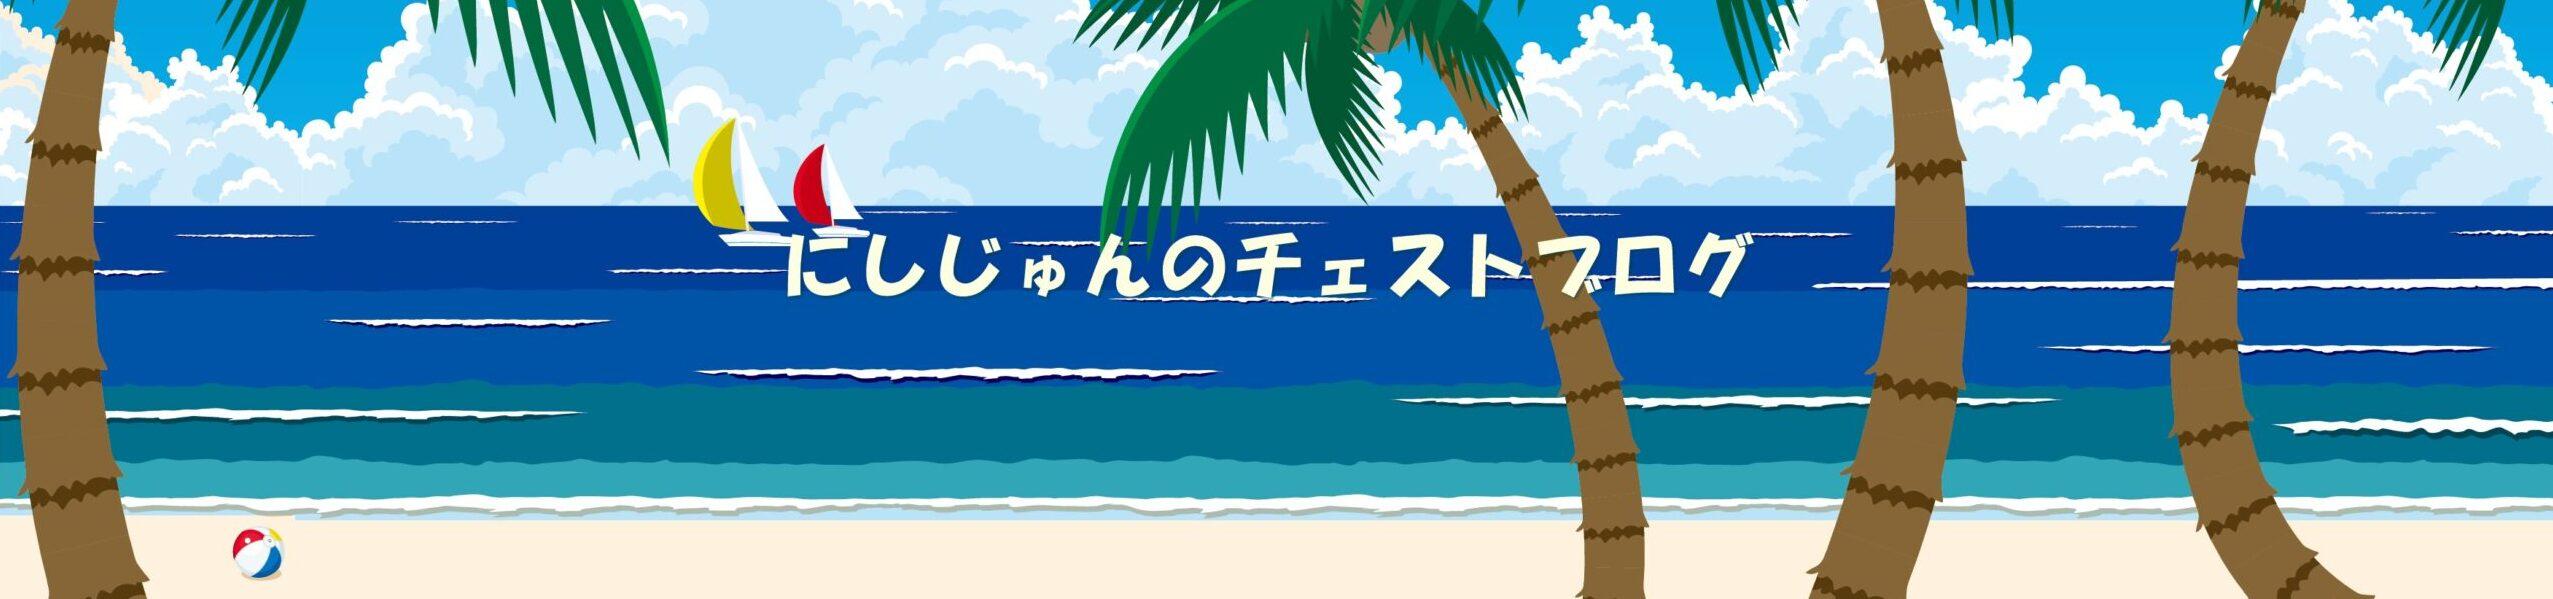 にしじゅんのチェストブログ